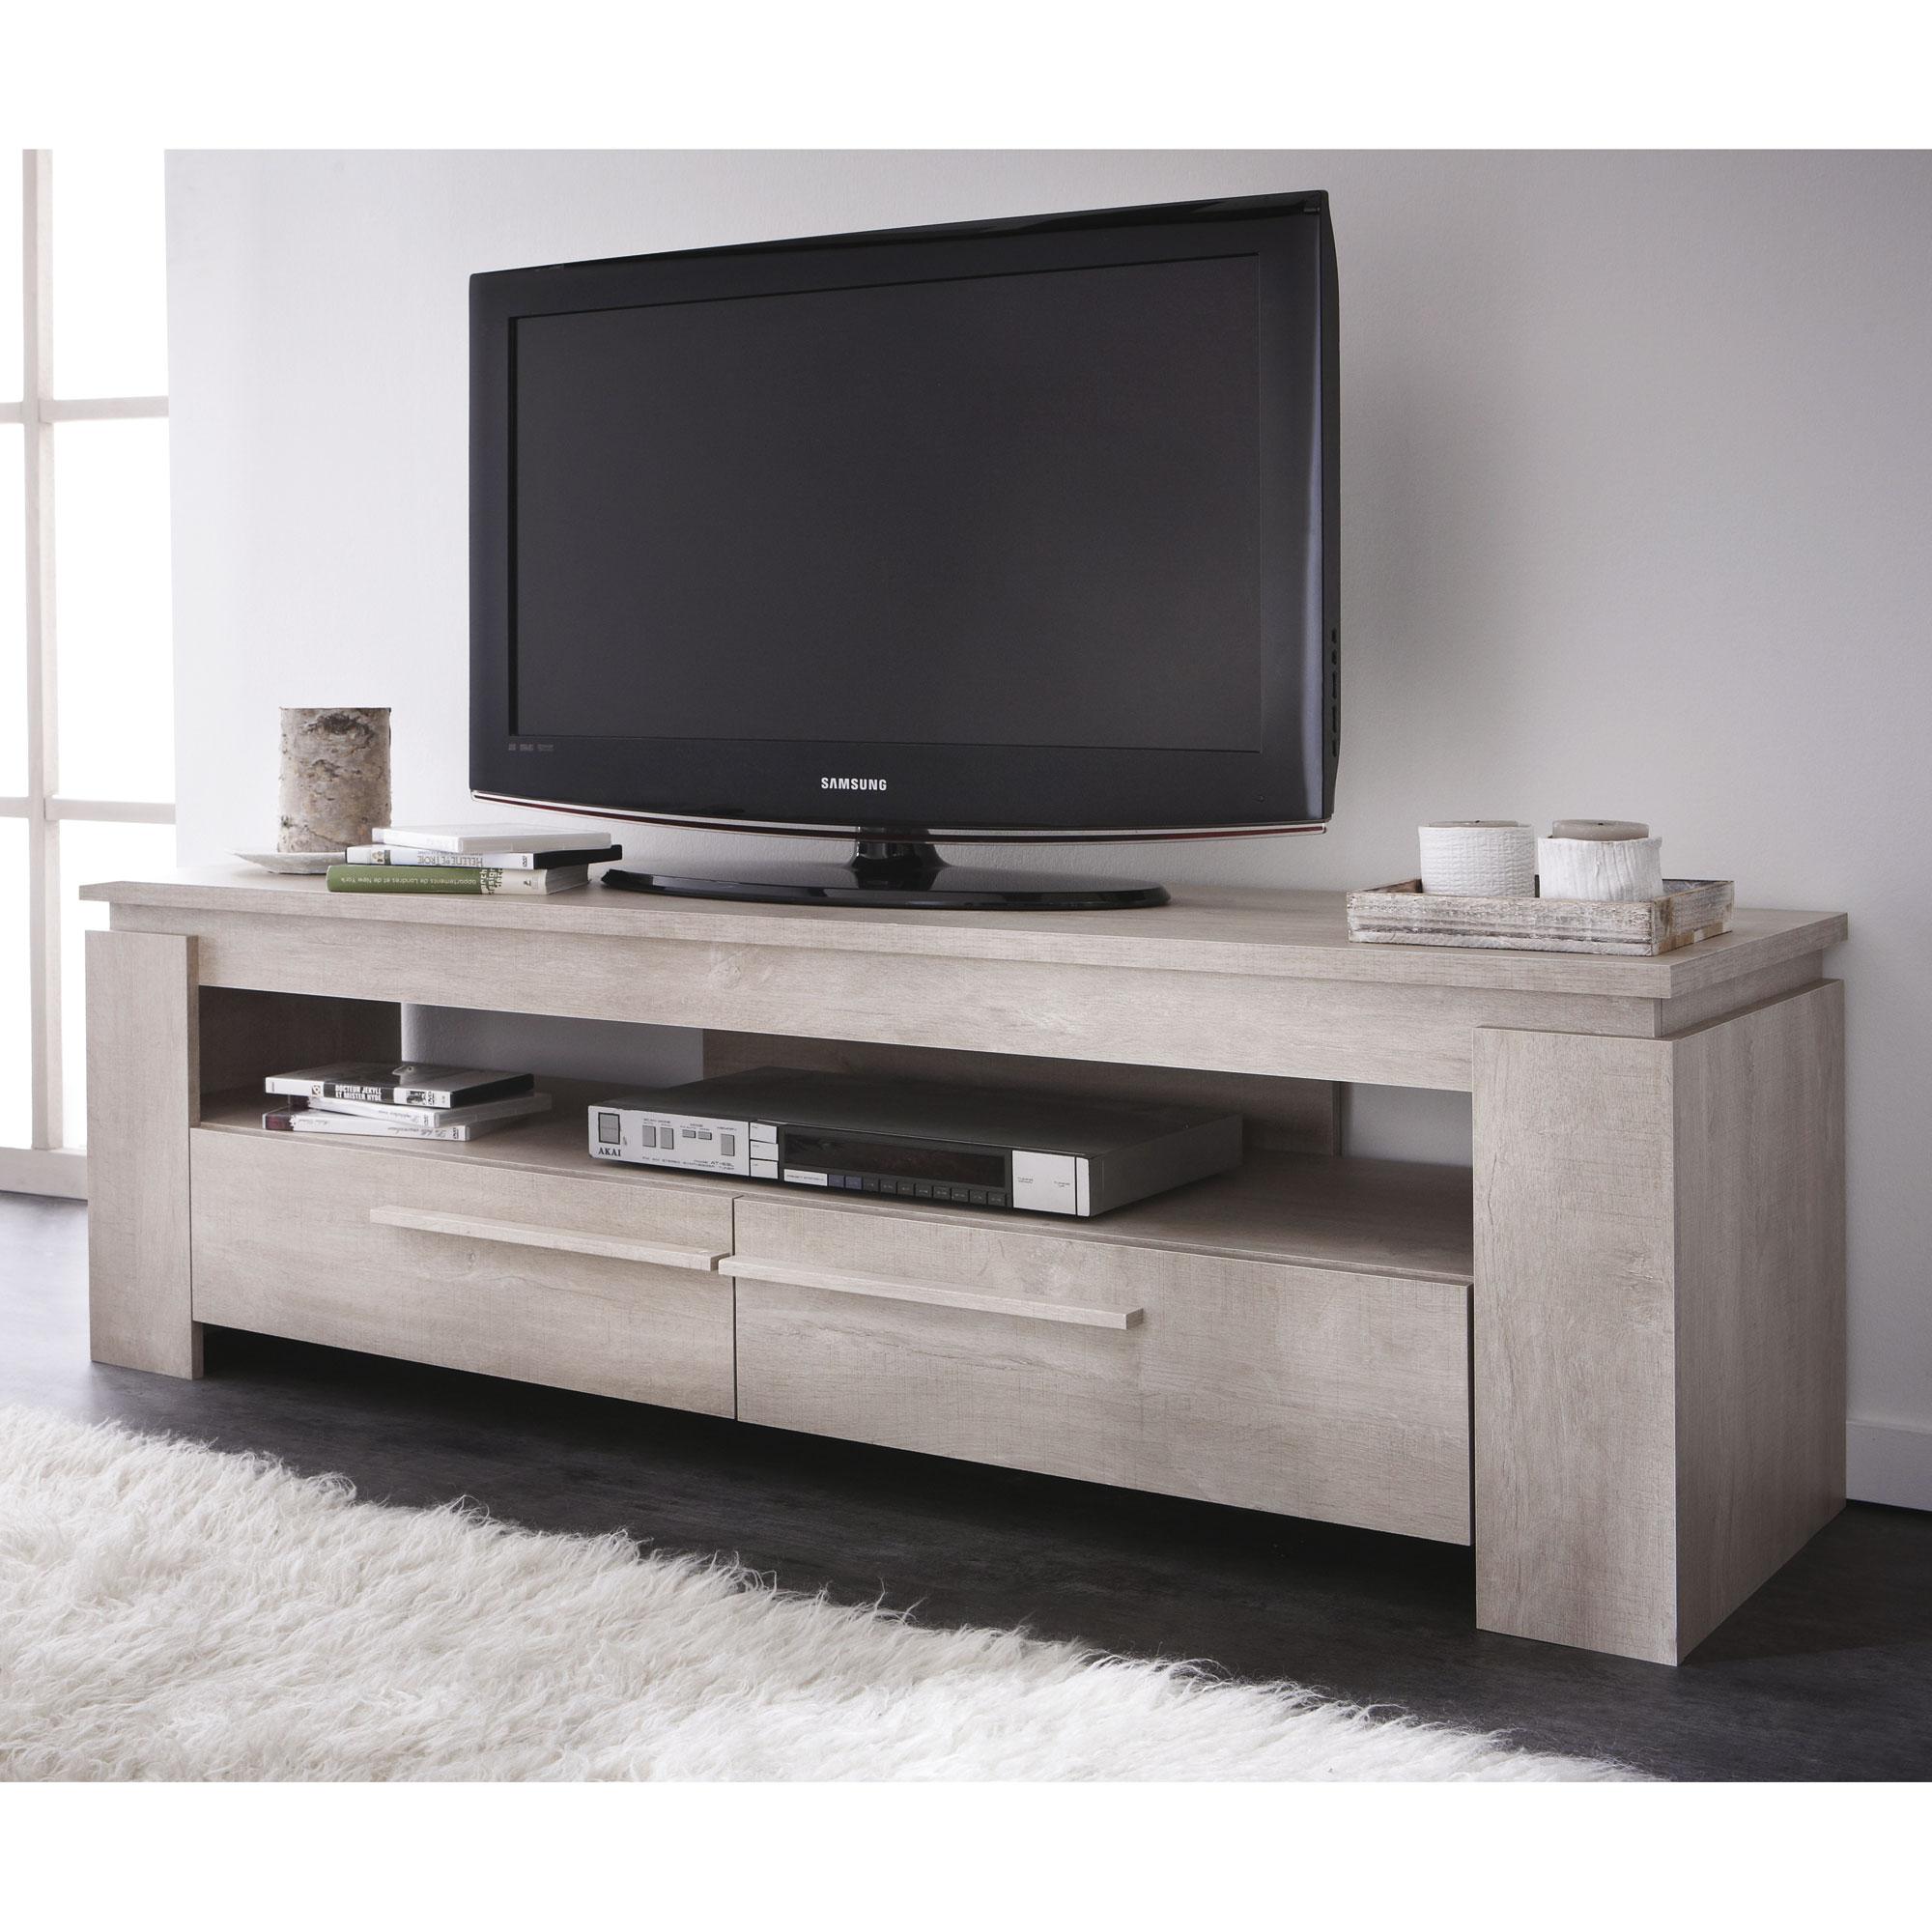 Meuble Bas De Tv Maison Et Mobilier Dintérieur - Meuble tv wenge pas cher pour idees de deco de cuisine